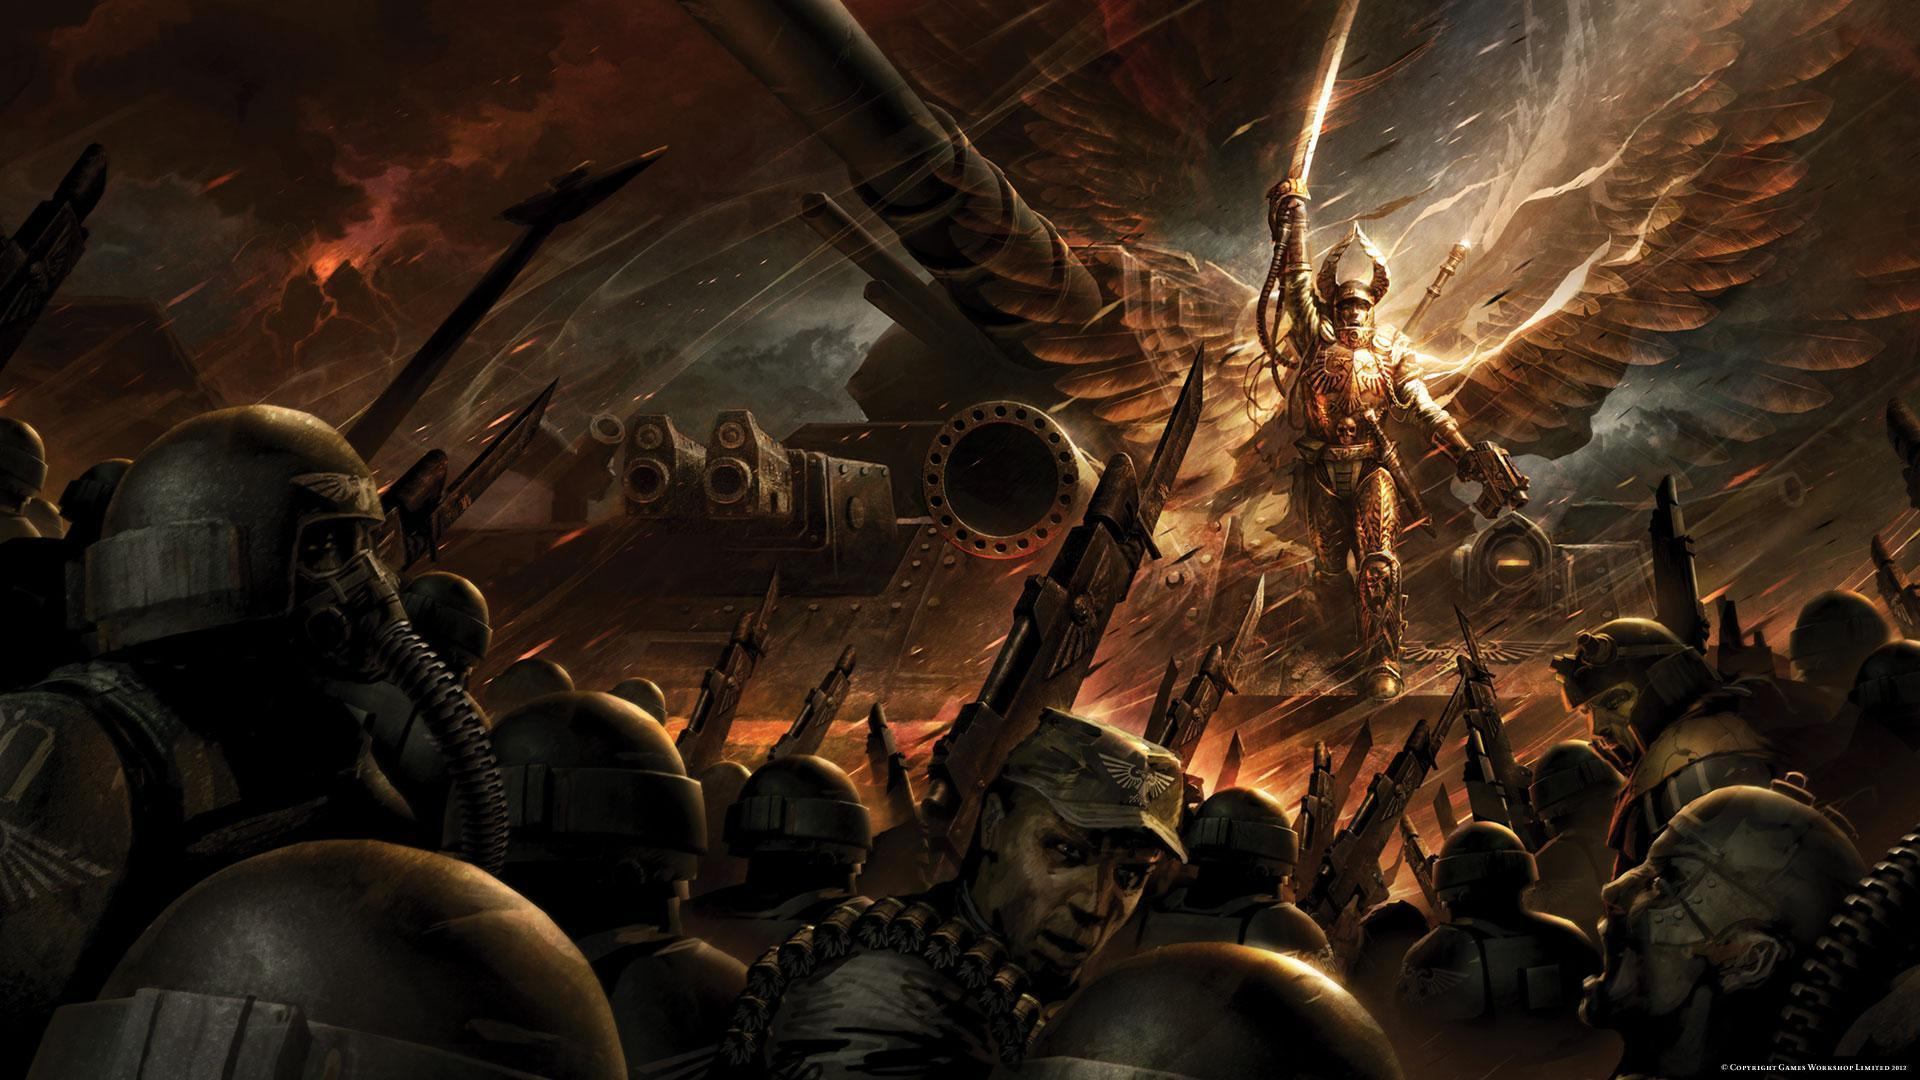 Emperor 40k Wallpapers Wallpaper Cave